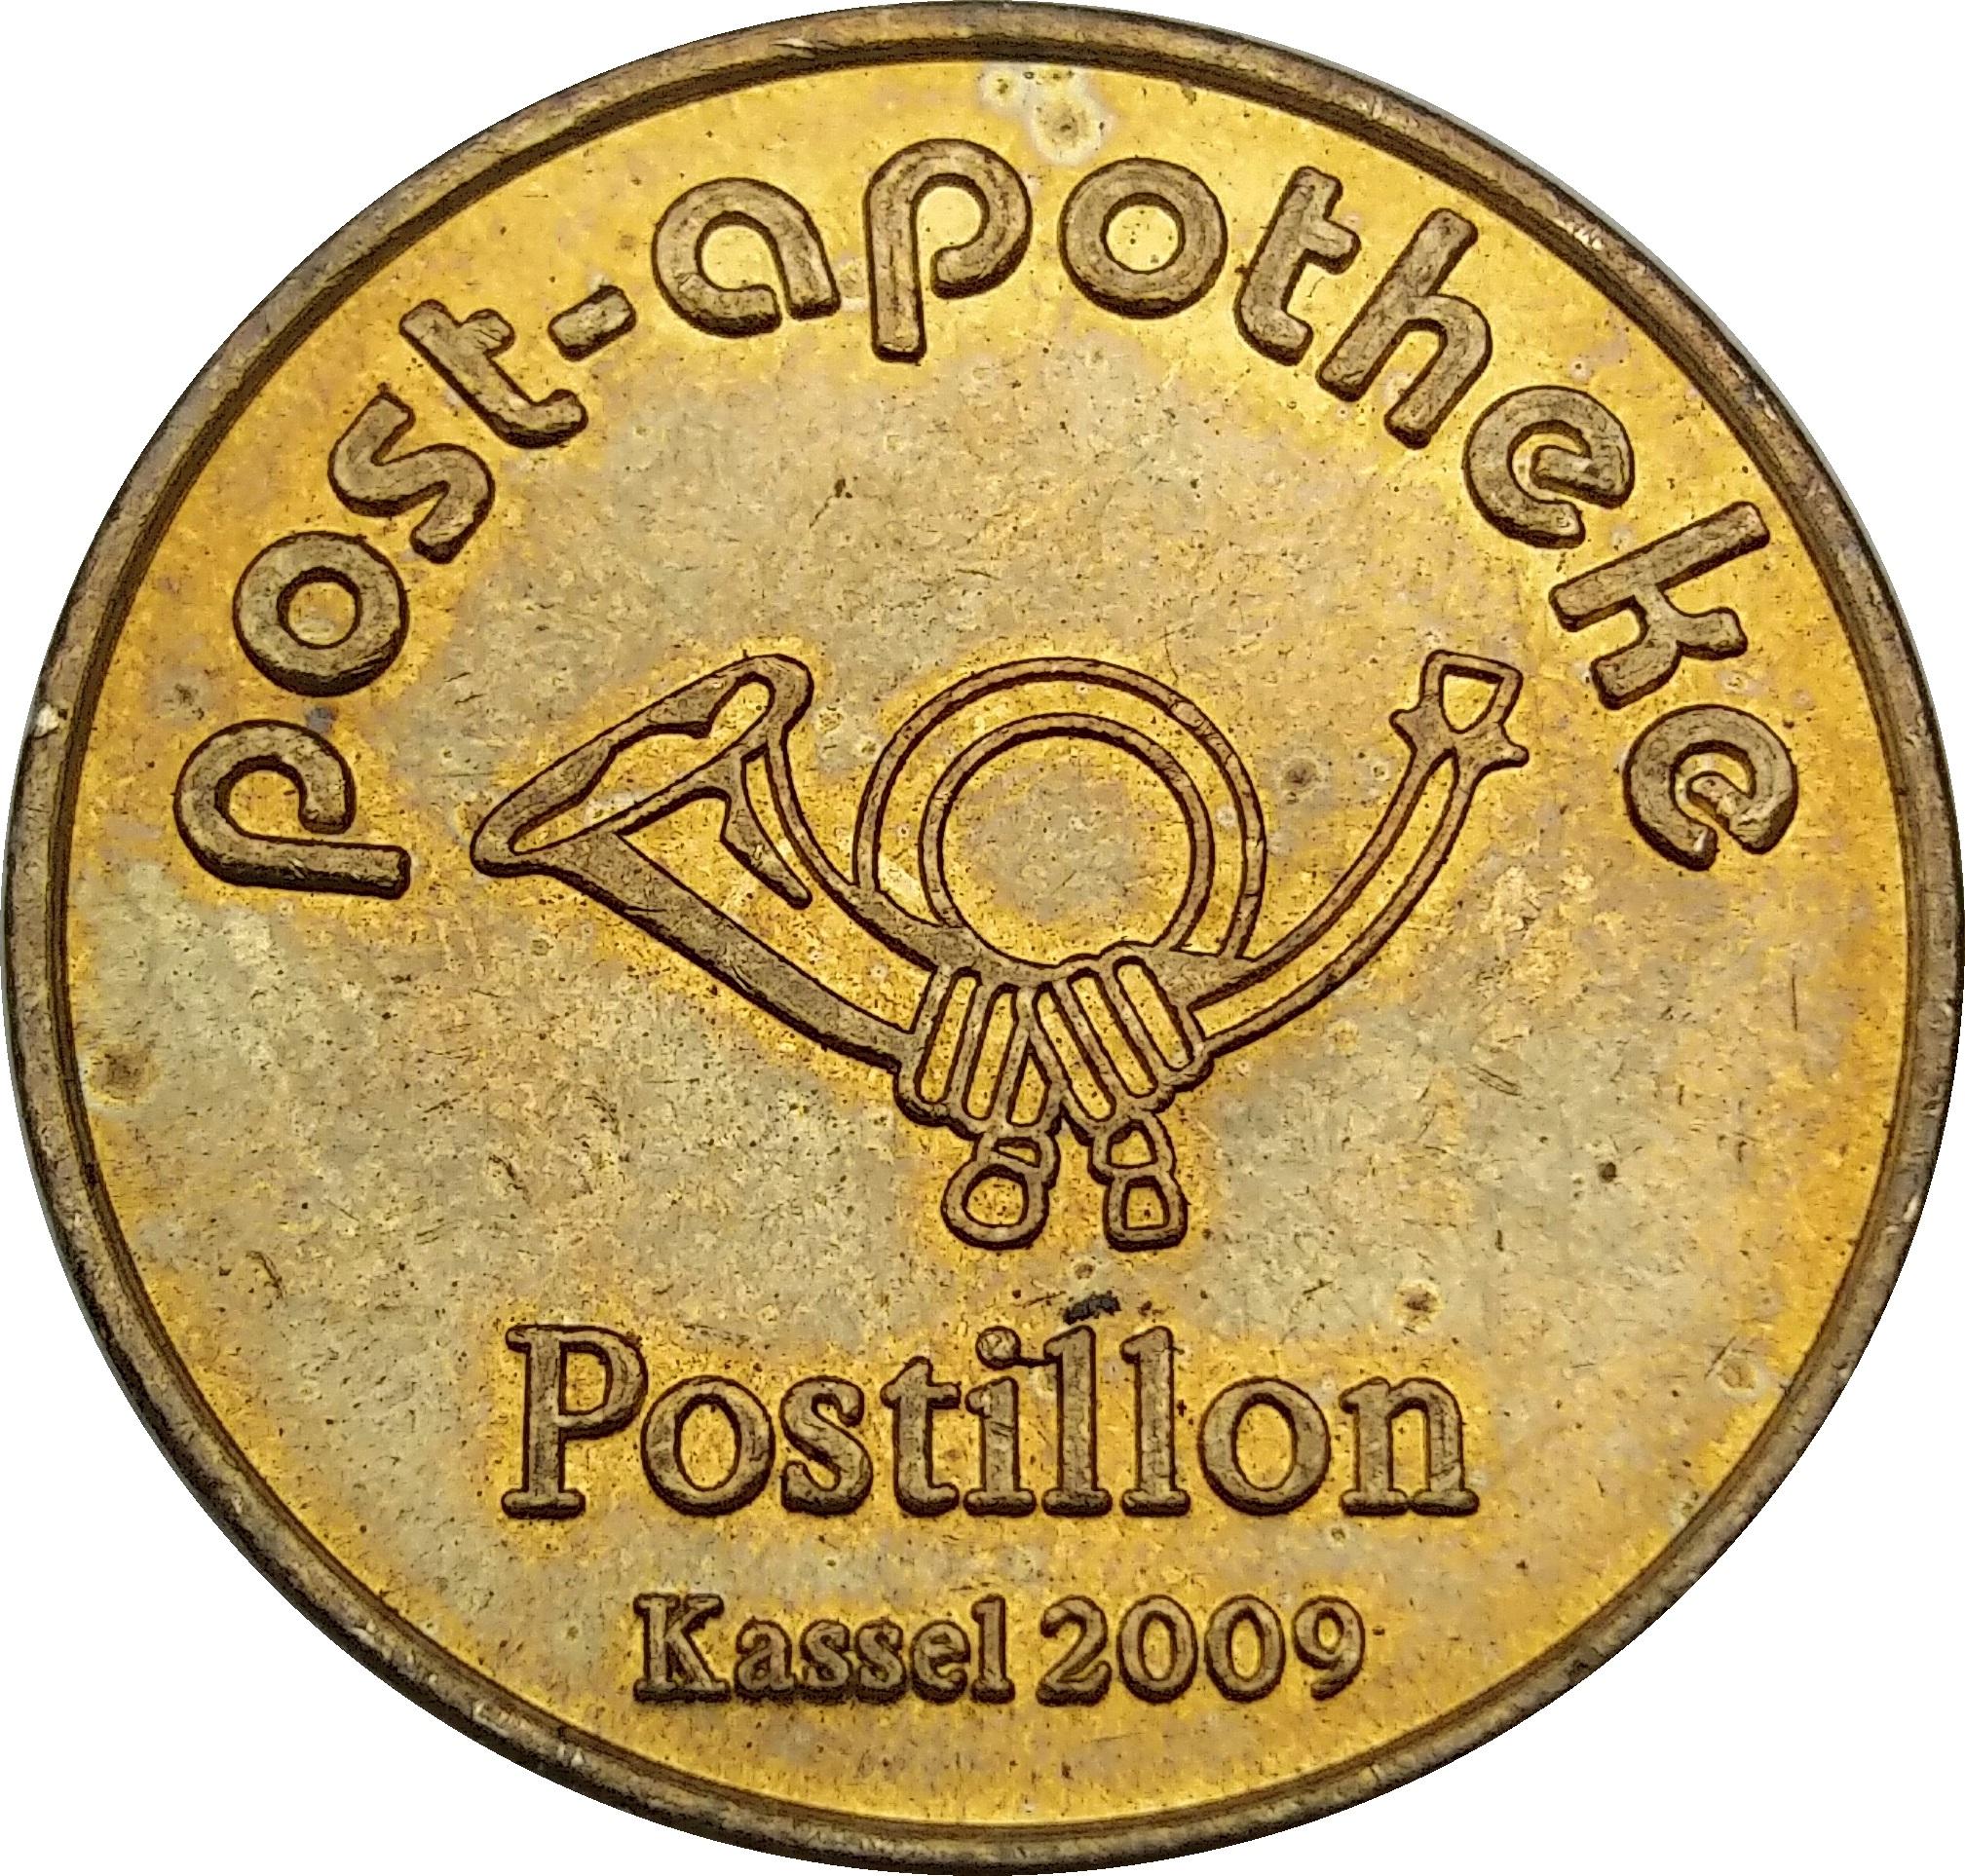 Postillion Kassel